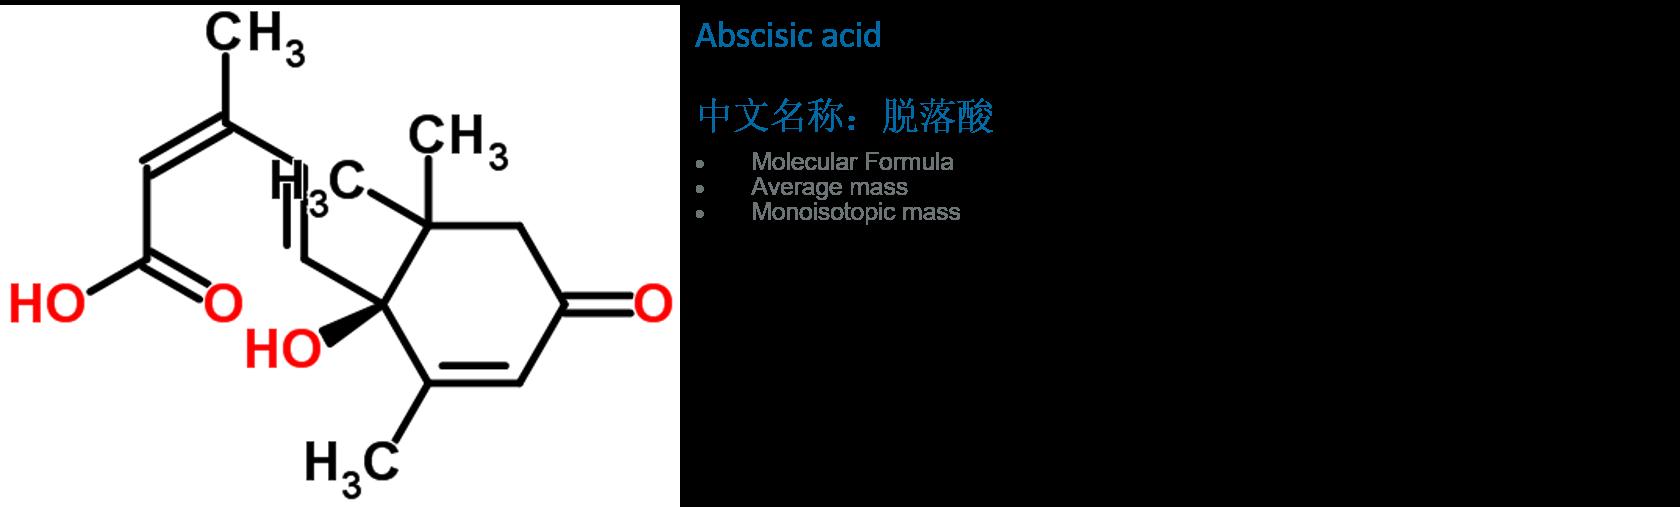 脱落酸(ABA)的化学方程式